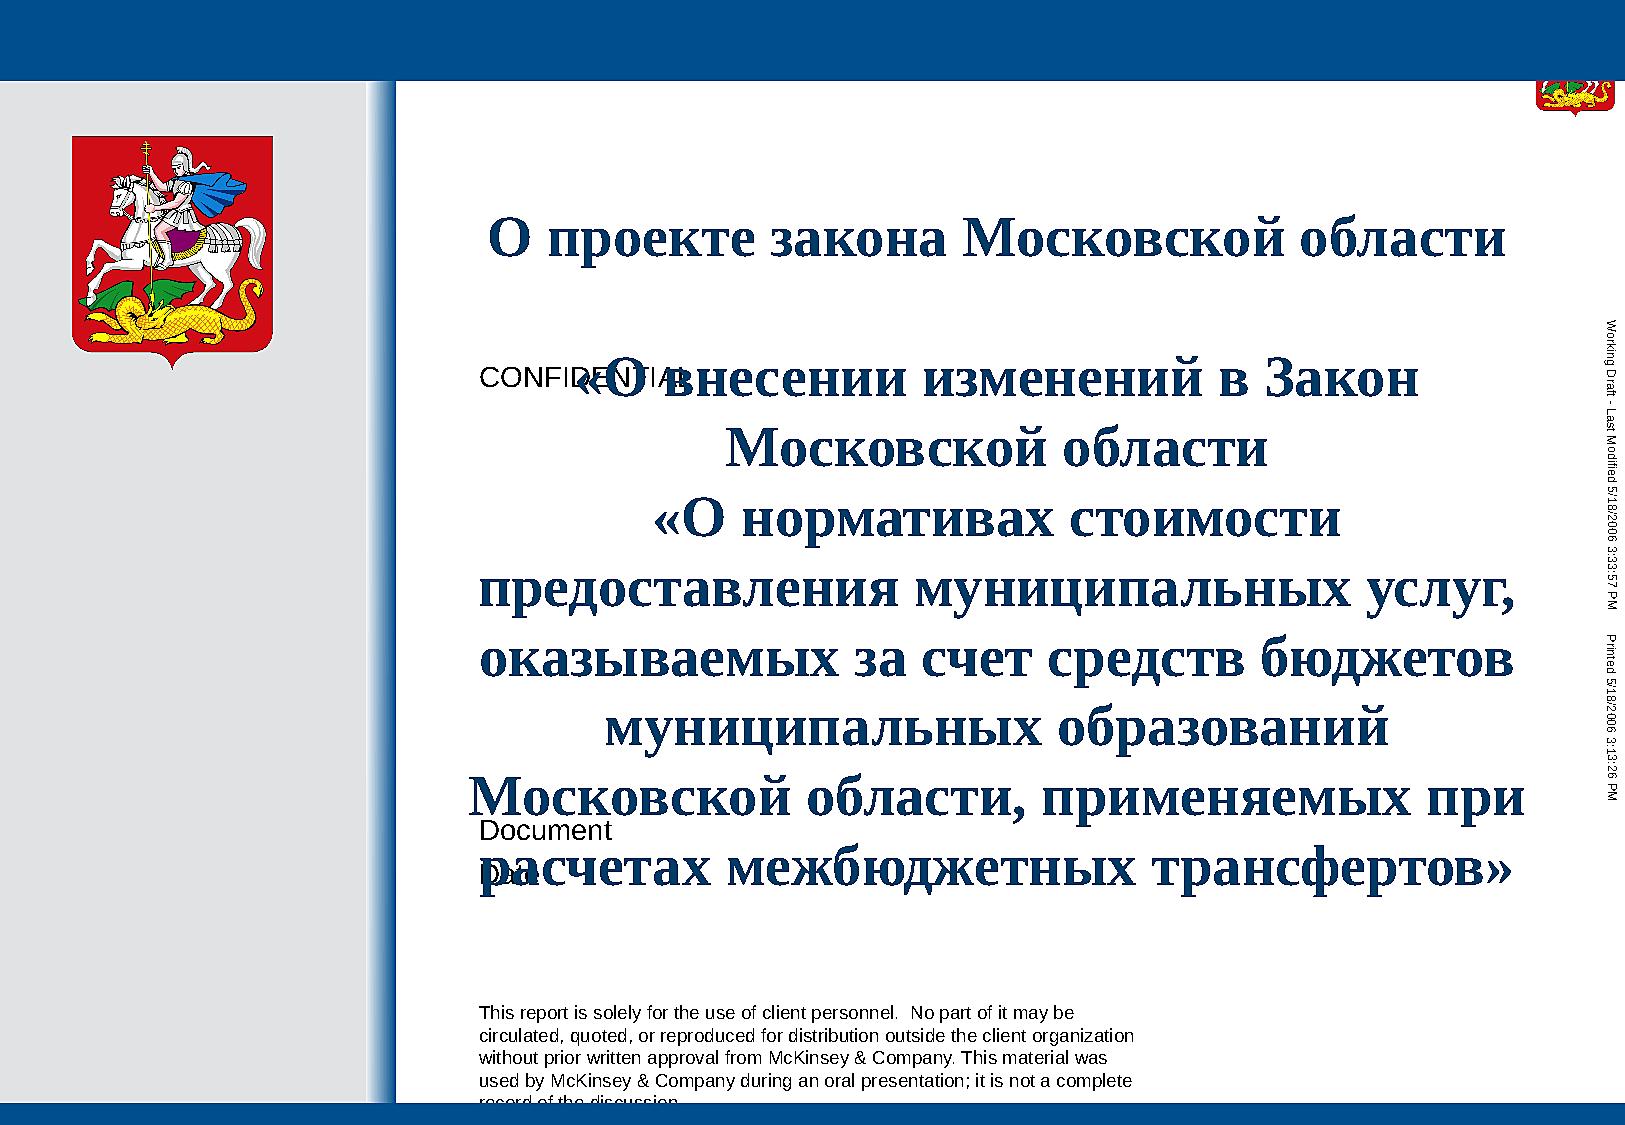 основном, законодательство московской области о муниципальных образованиях распространенные причины